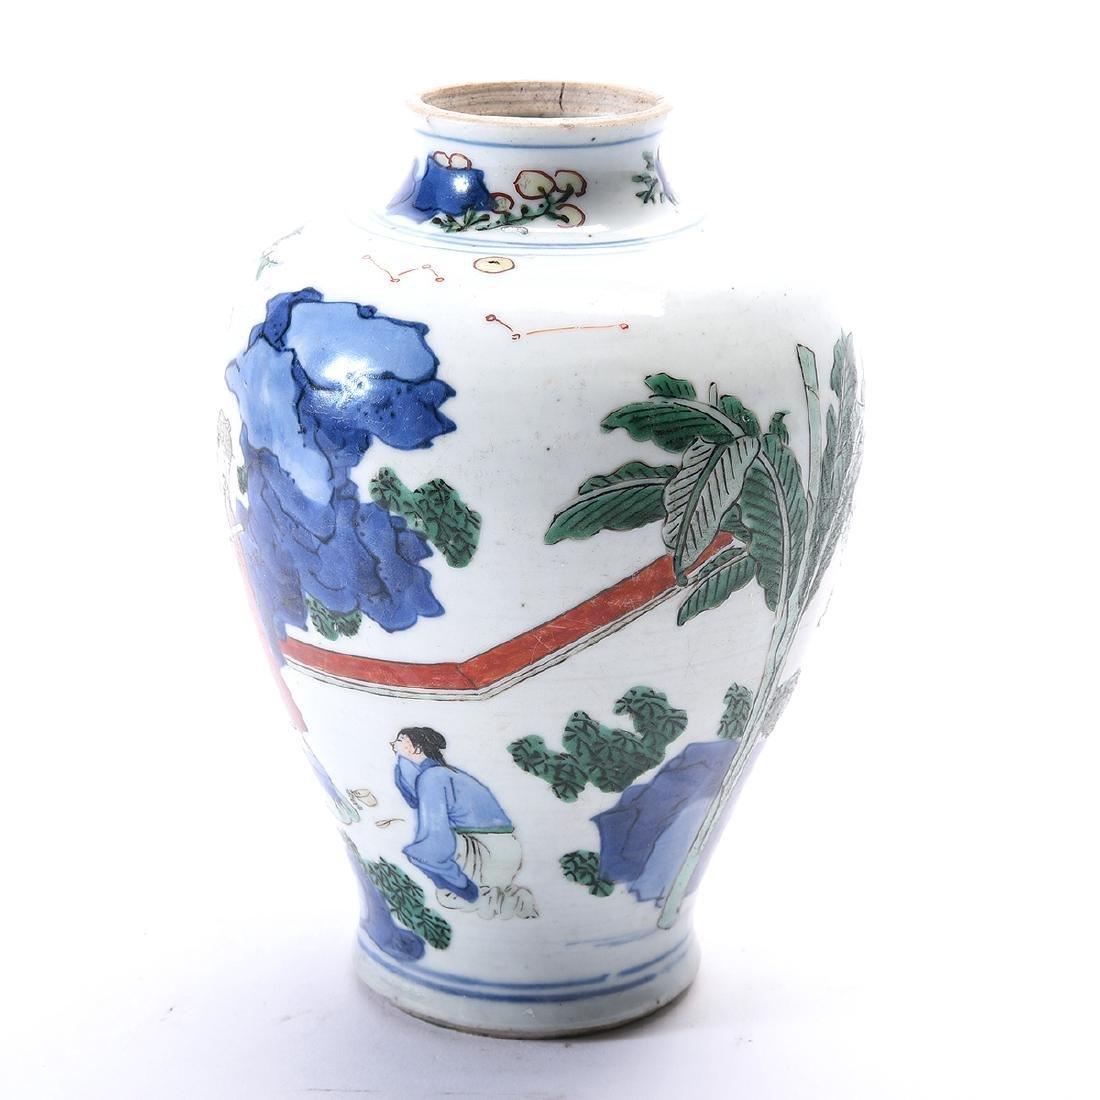 Chinese Porcelain Vase, Kangxi Period - 2